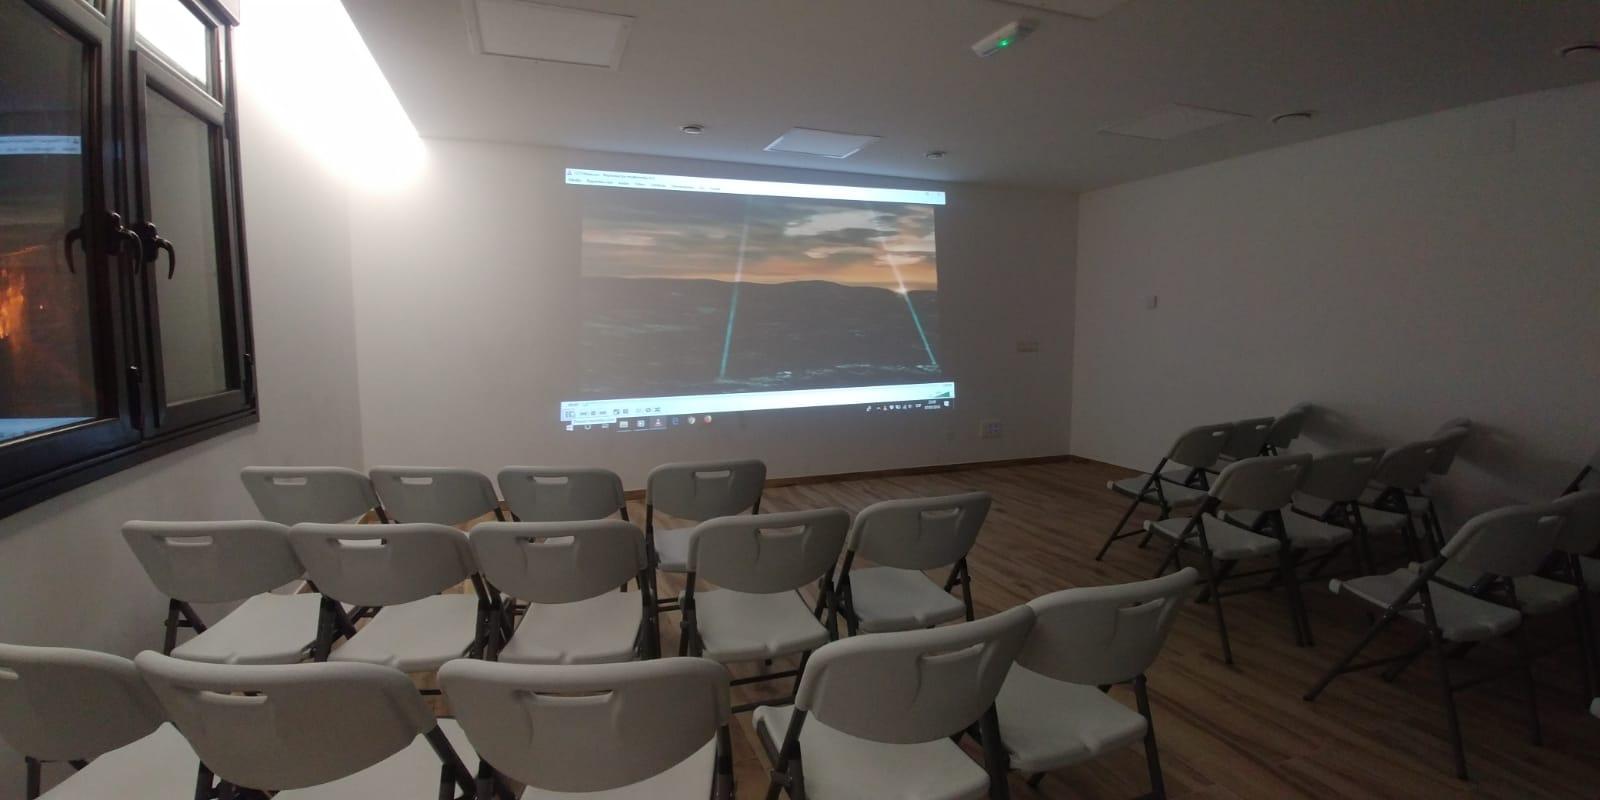 Cursos y formación - Aula polivalente La Antigua Escuela del Bierzo - Cine y presentaciones con proyector